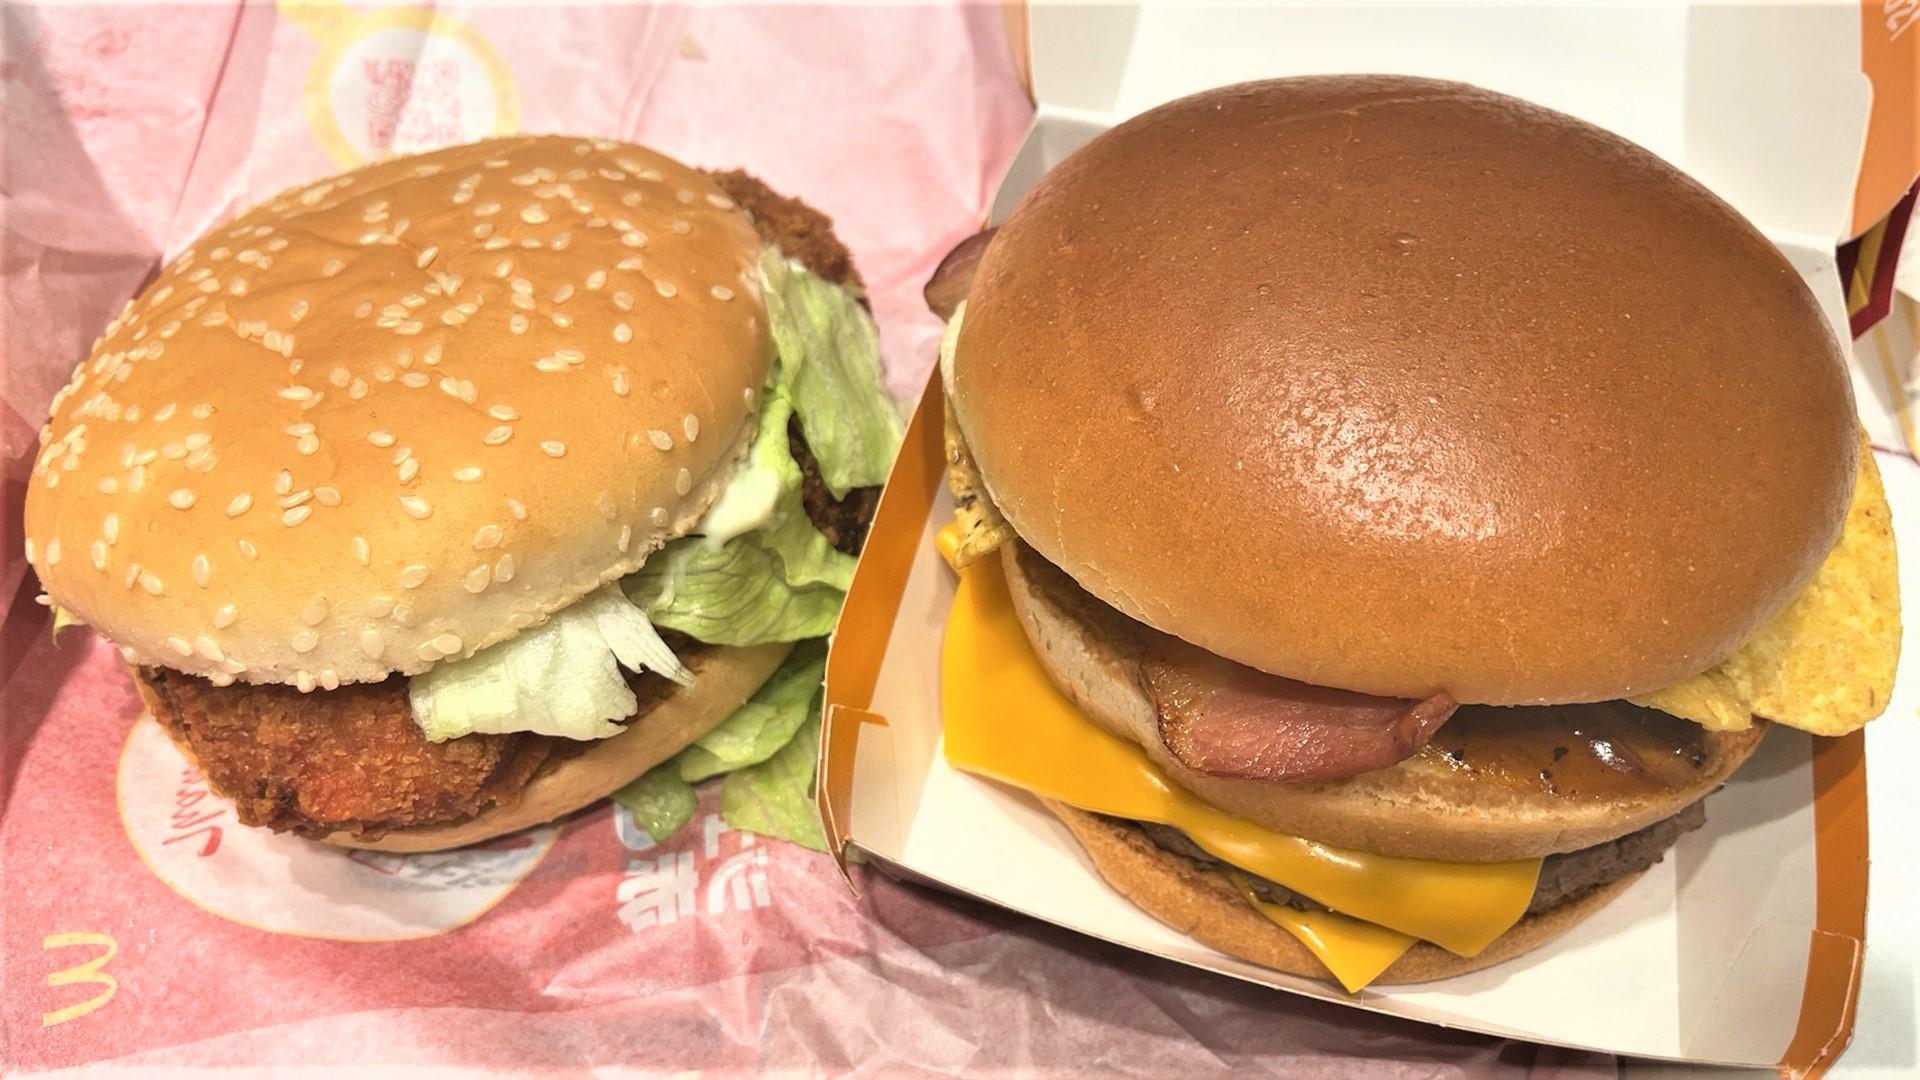 テキサスバーガー2021、ジューシーチキン赤とうがらし(マクドナルド)を食べてみた【感想・口コミは】